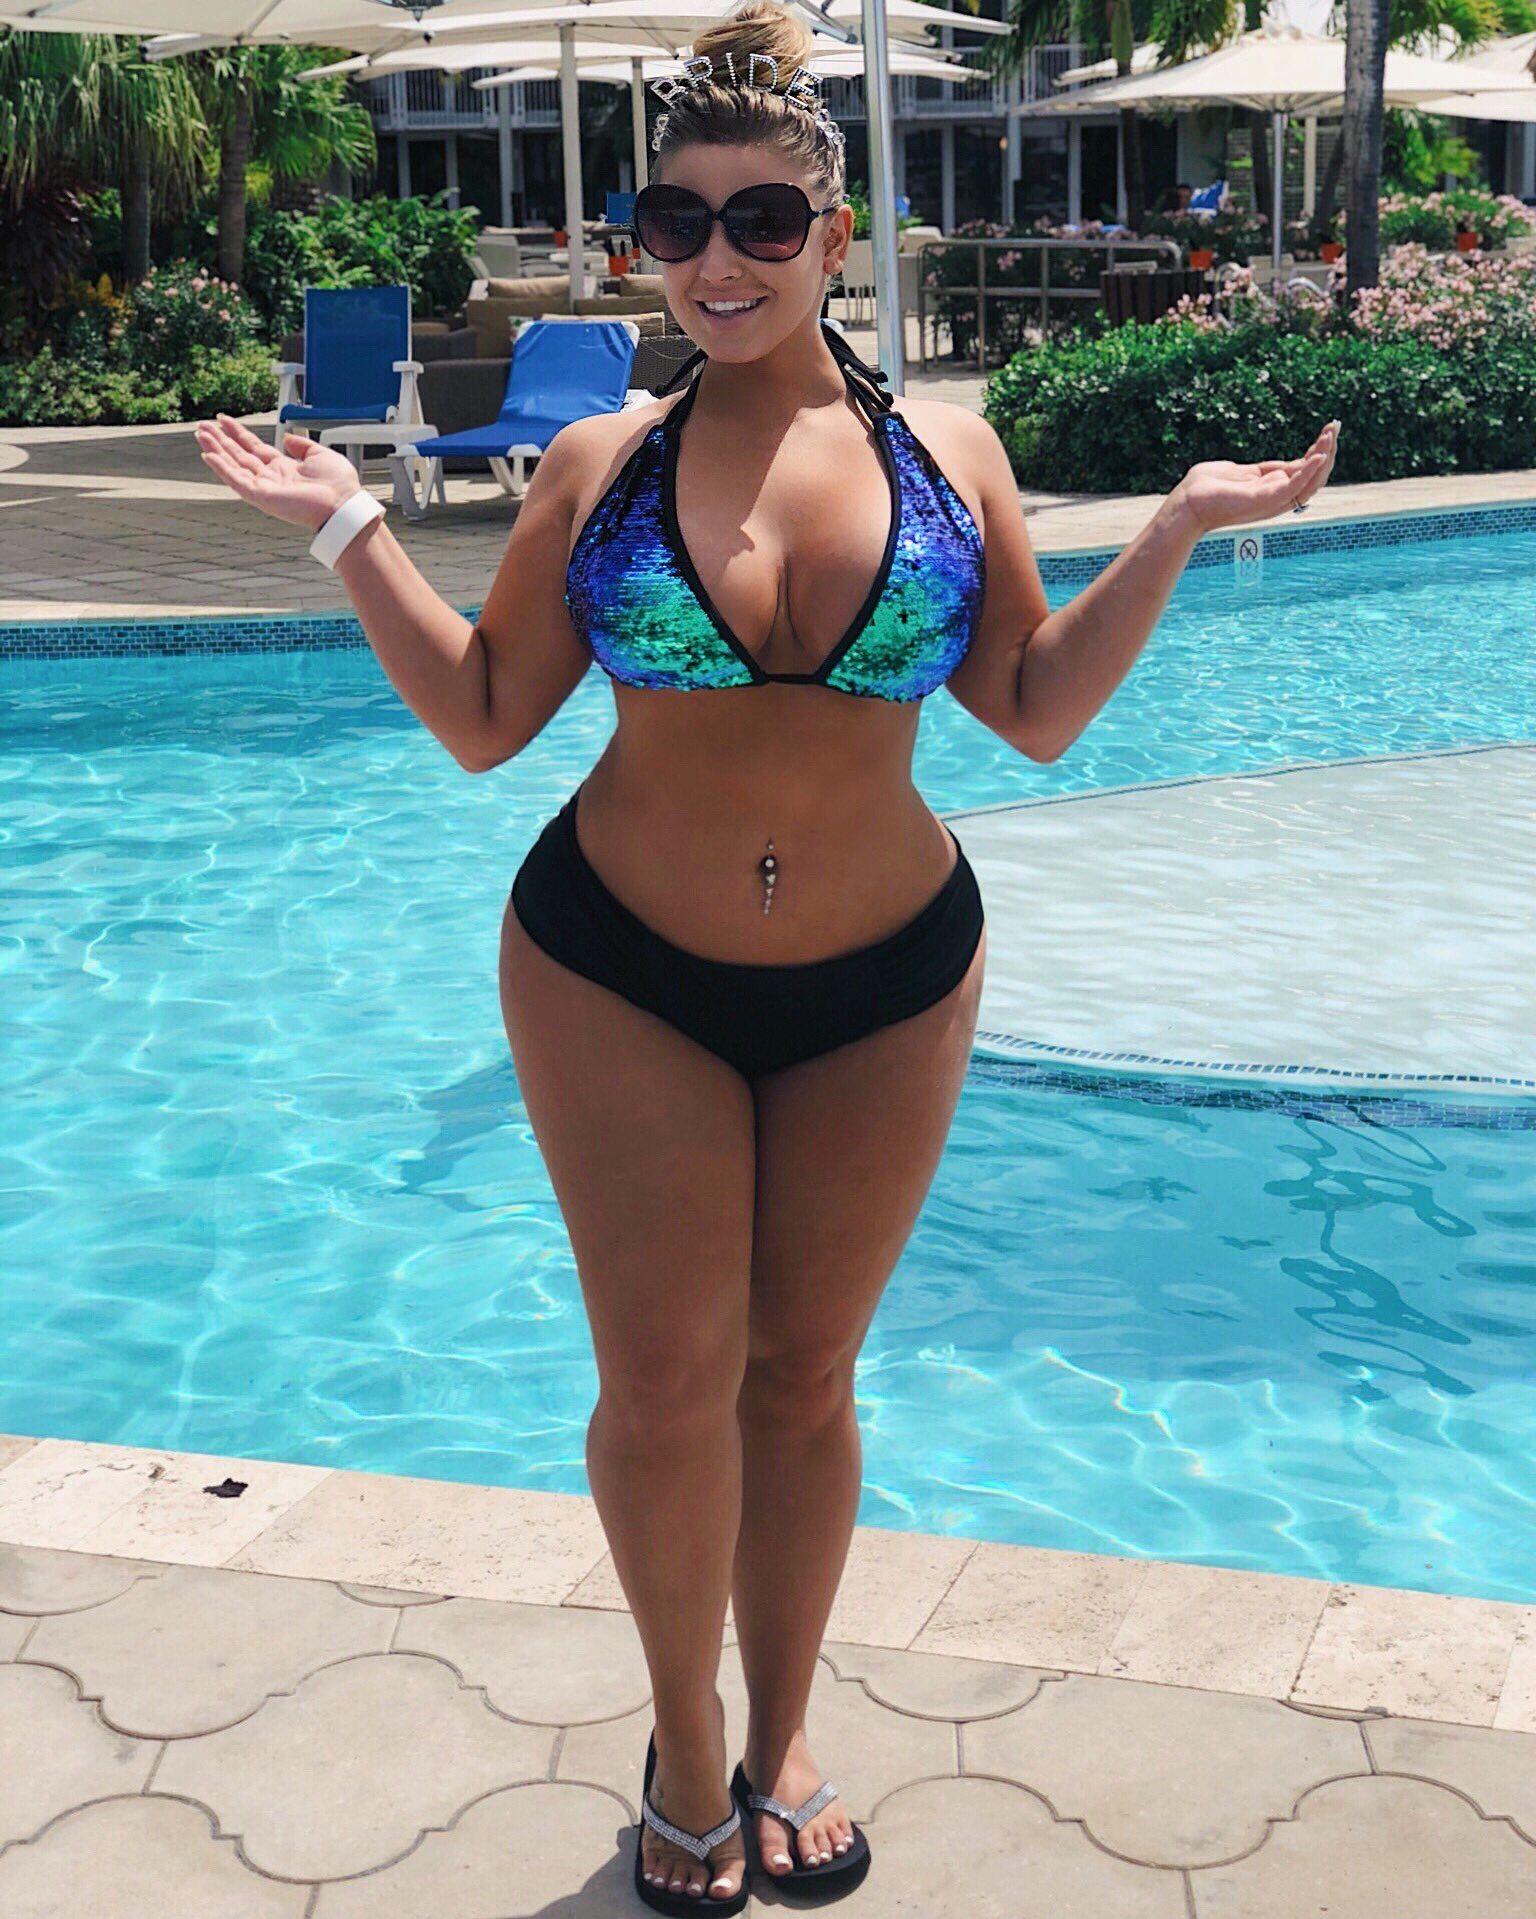 914dc85b6 Ashley Alexiss Plus Size Bikini, Plus Size Swimsuits, Plus Size Lingerie  Models, Plus